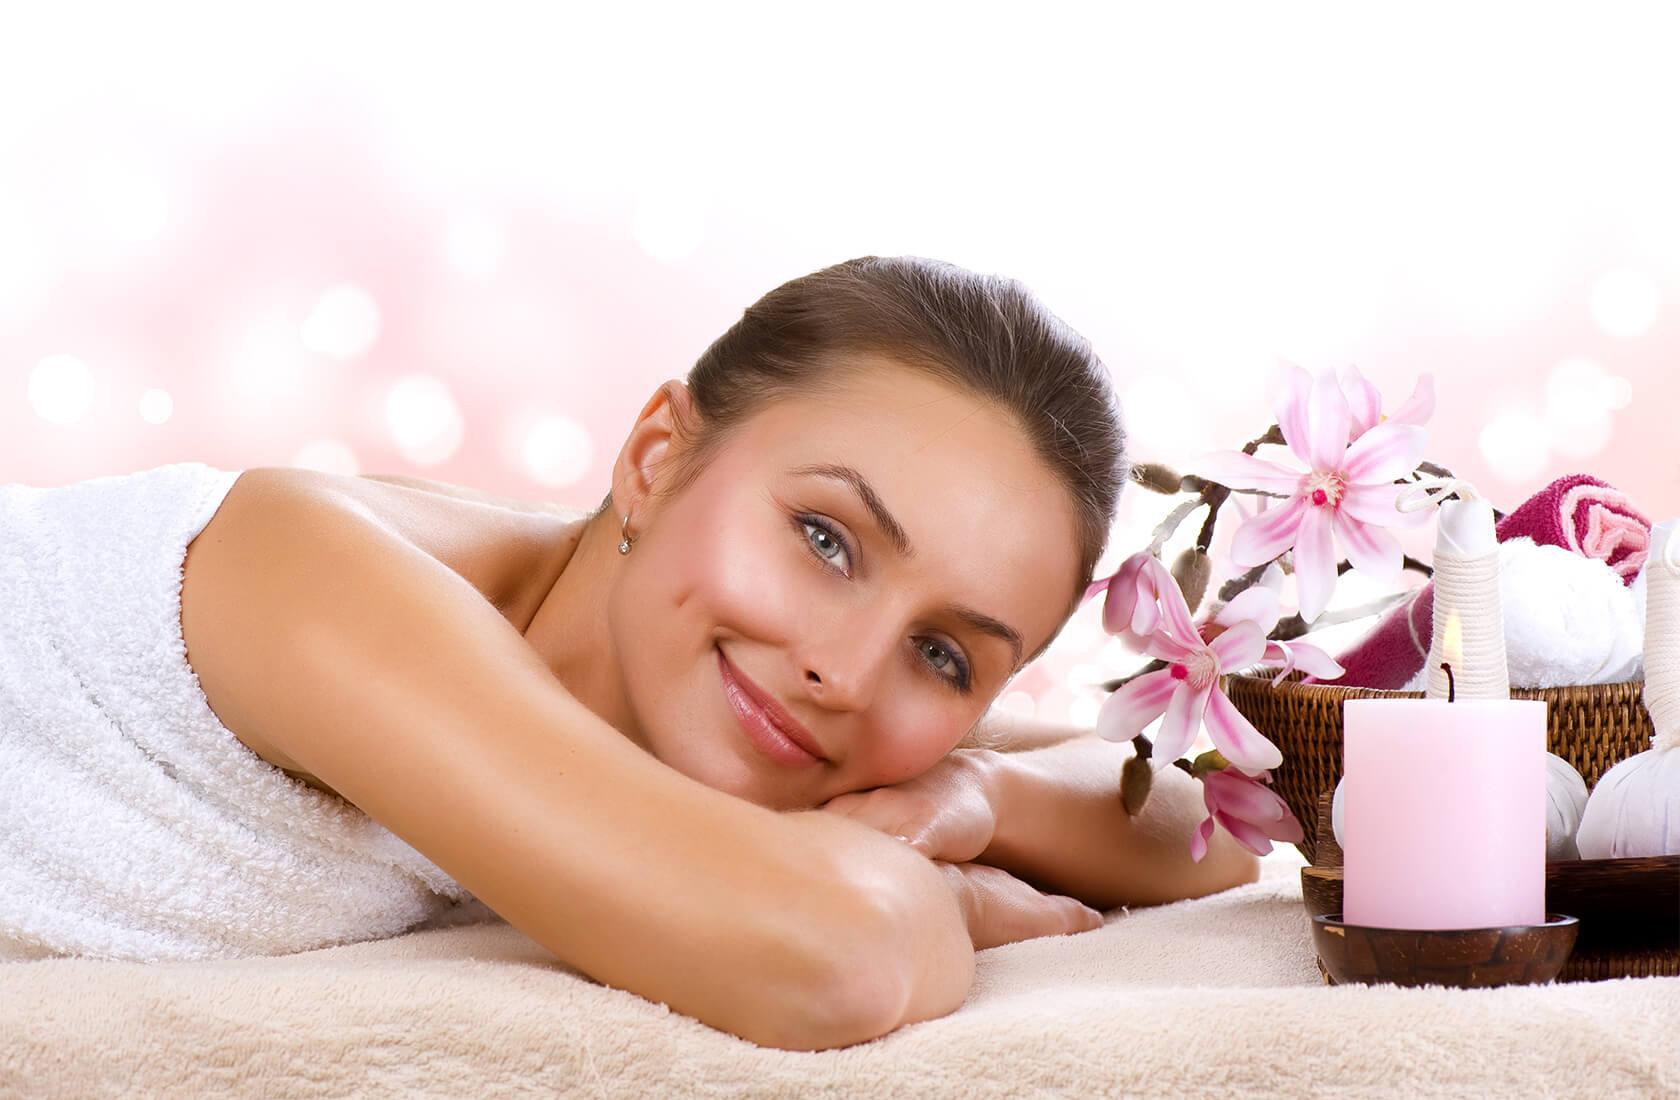 Beautyspezialisten für Kosmetik, Pflege und exklusive Produkte - Hotel Via Salina SPA